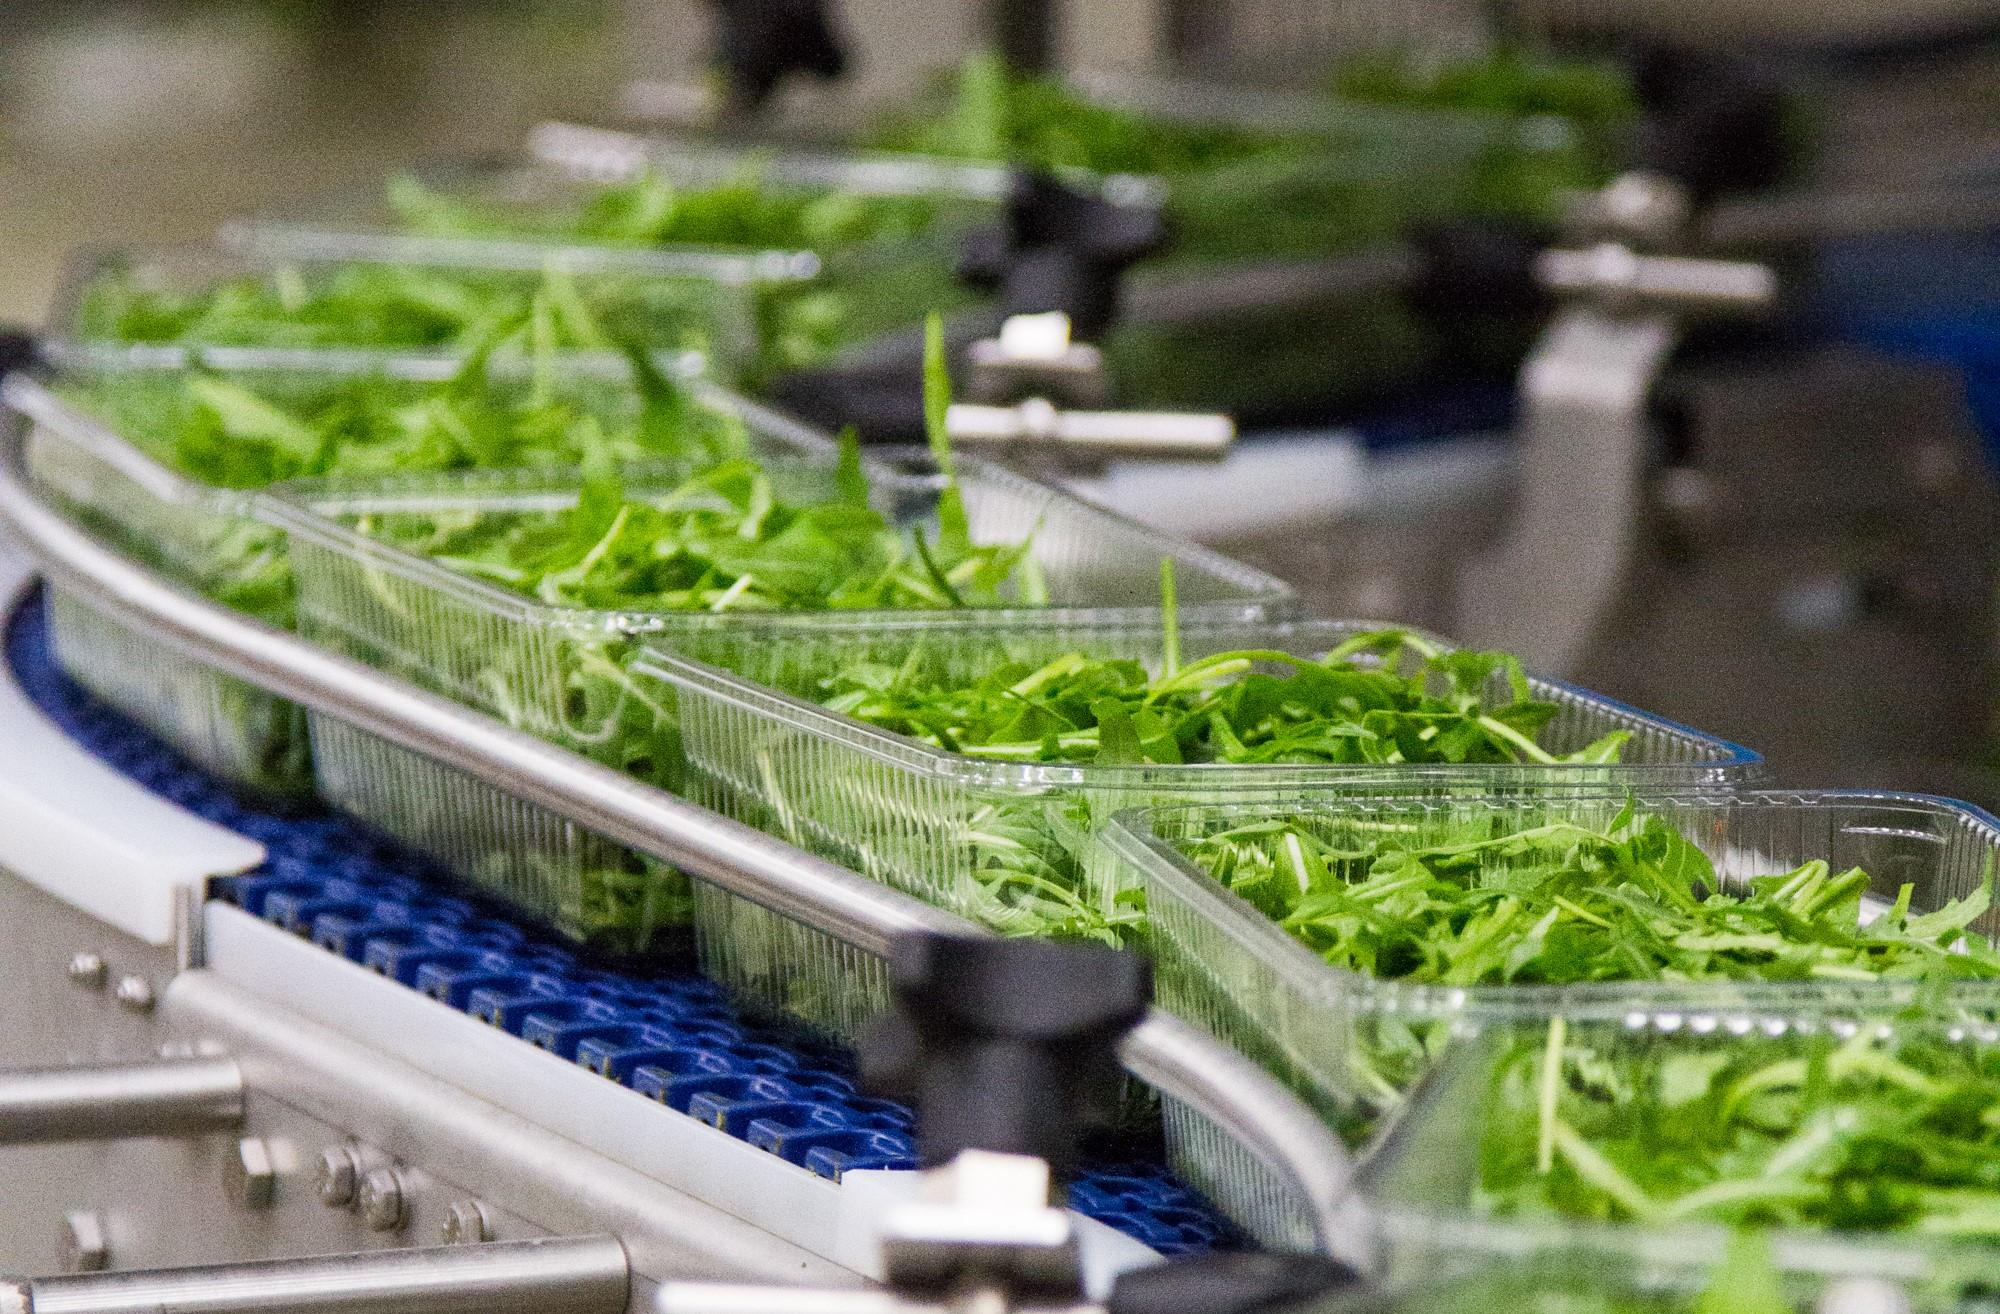 Firma Green Factory kupiła węgierską fabrykę